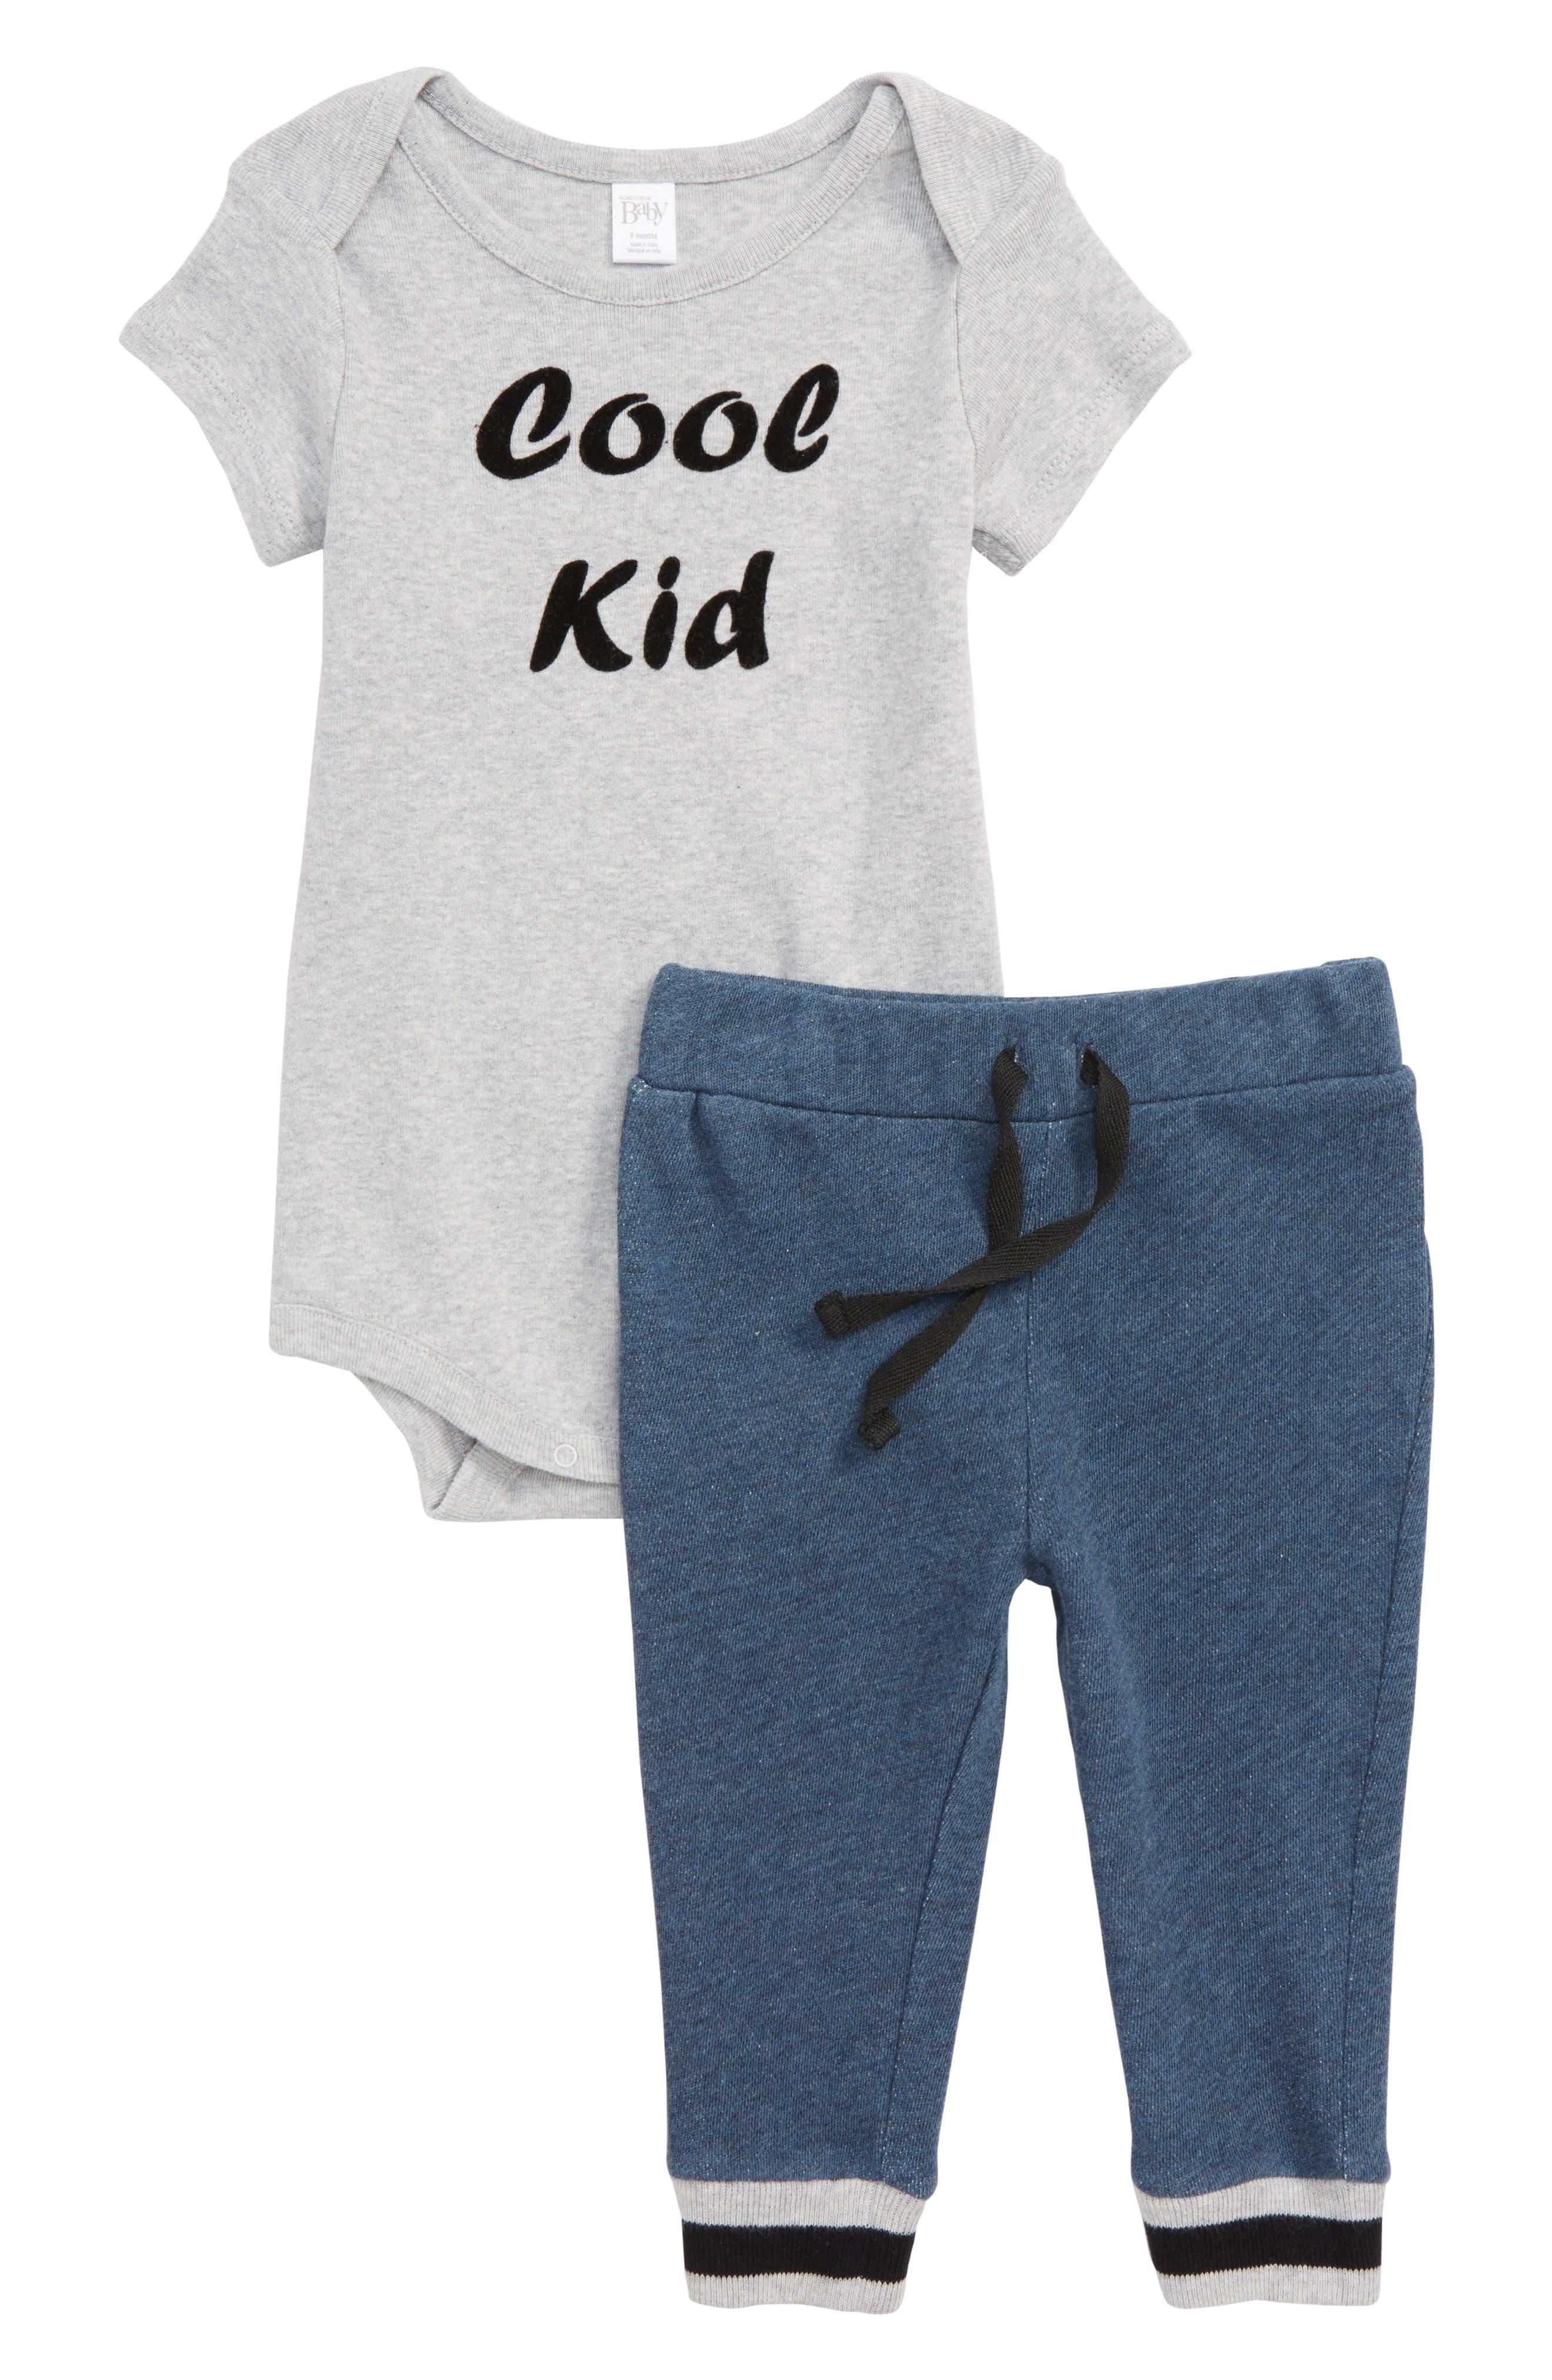 Cool Kid Bodysuit & Sweatpants Set,                         Main,                         color, 050